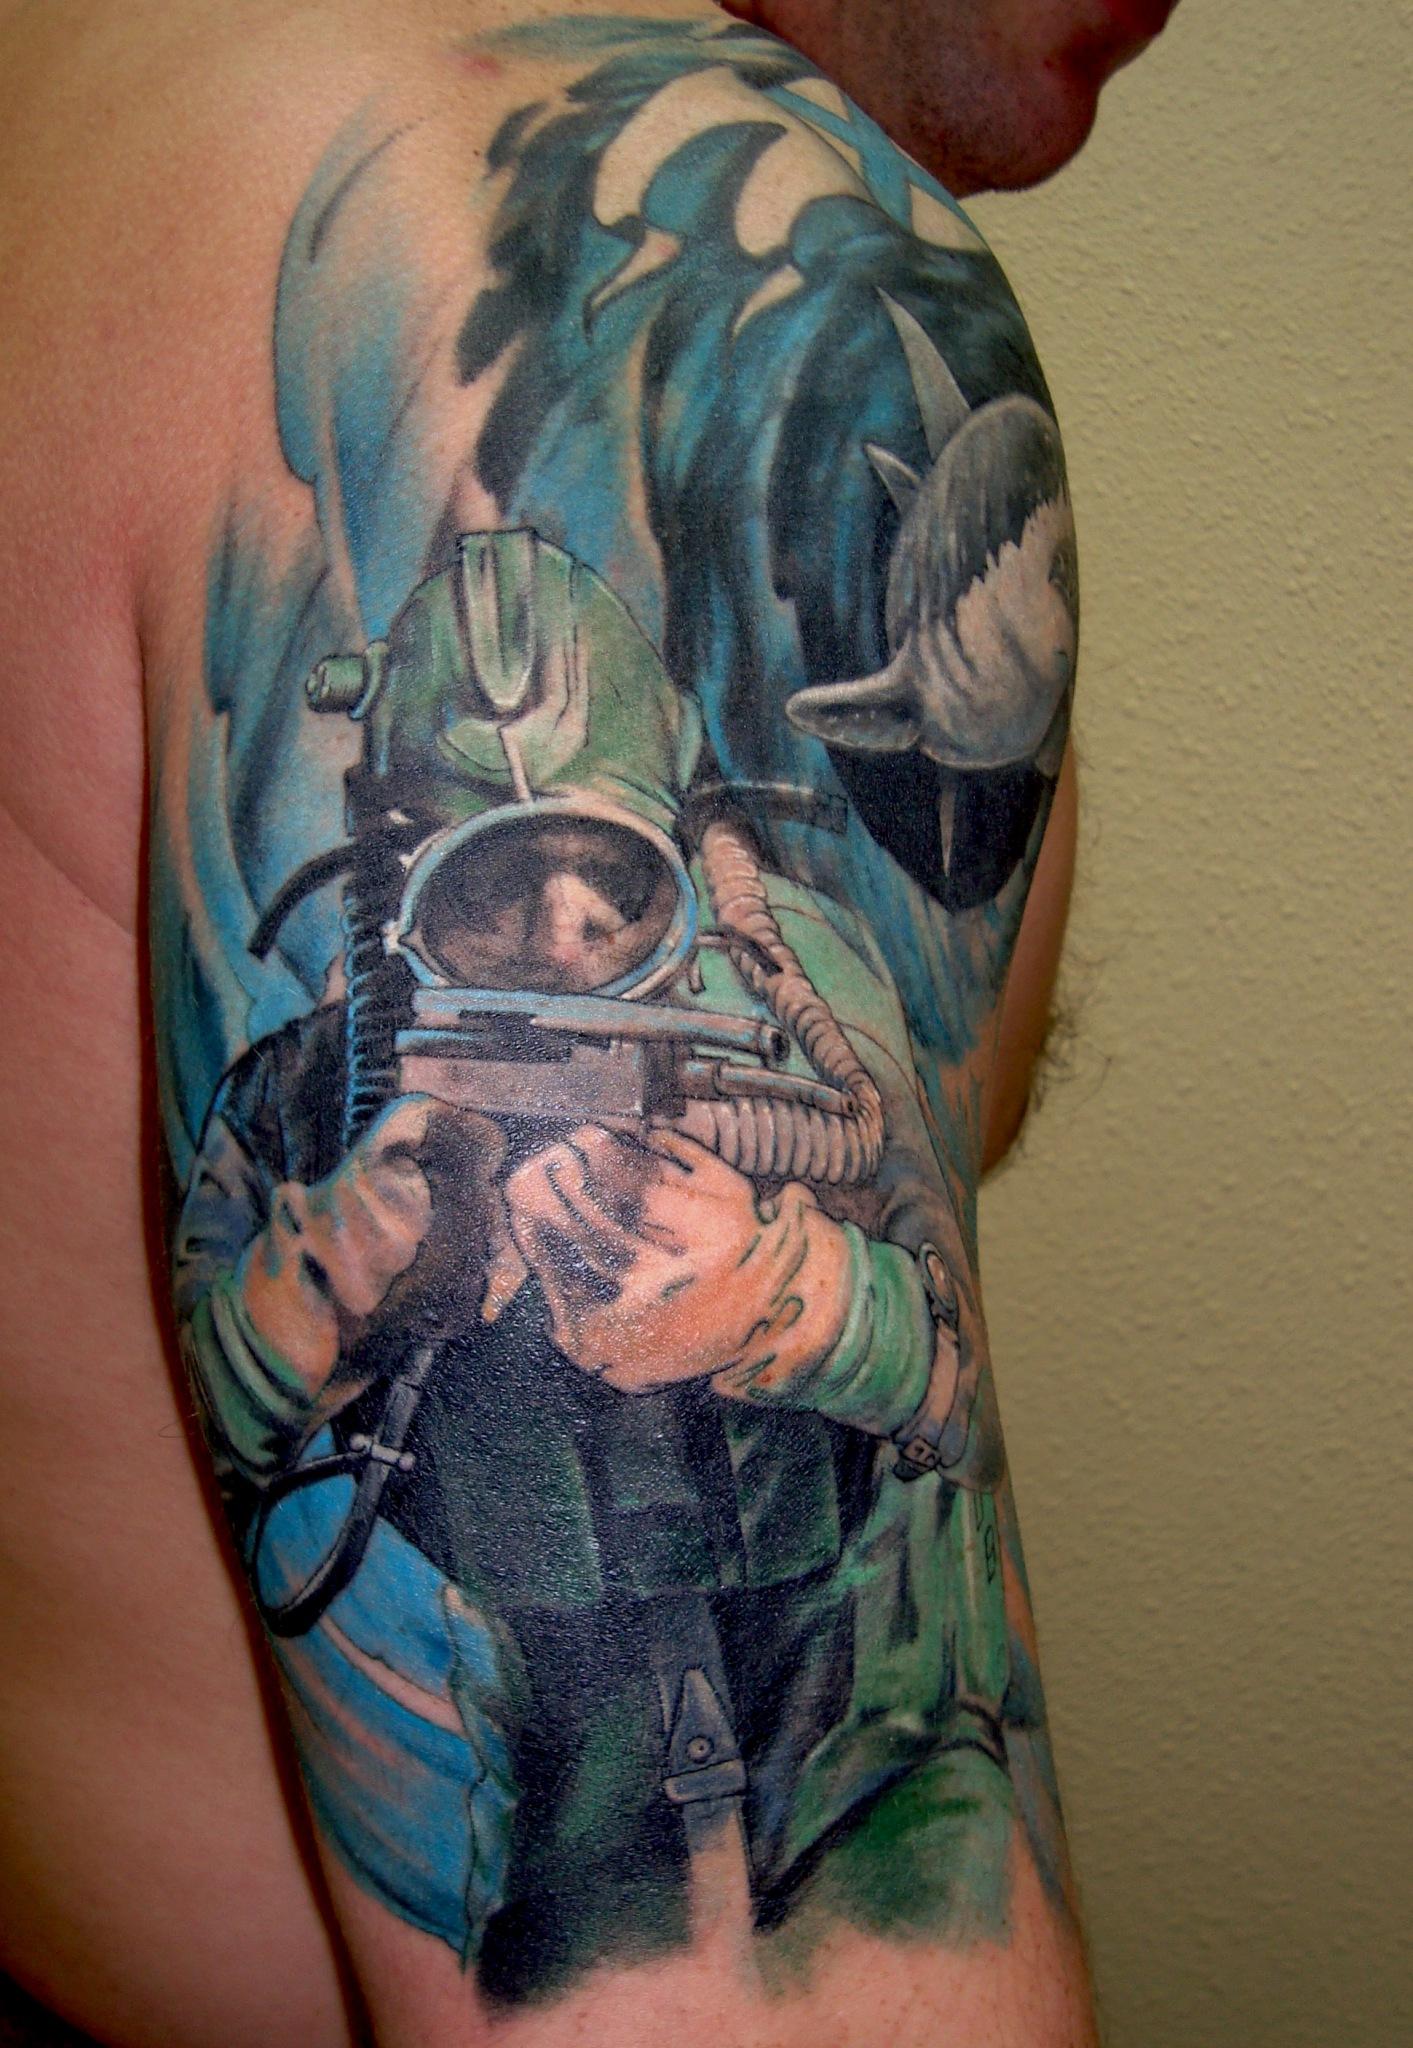 Татуировки морской пихоты росии 20 фотография